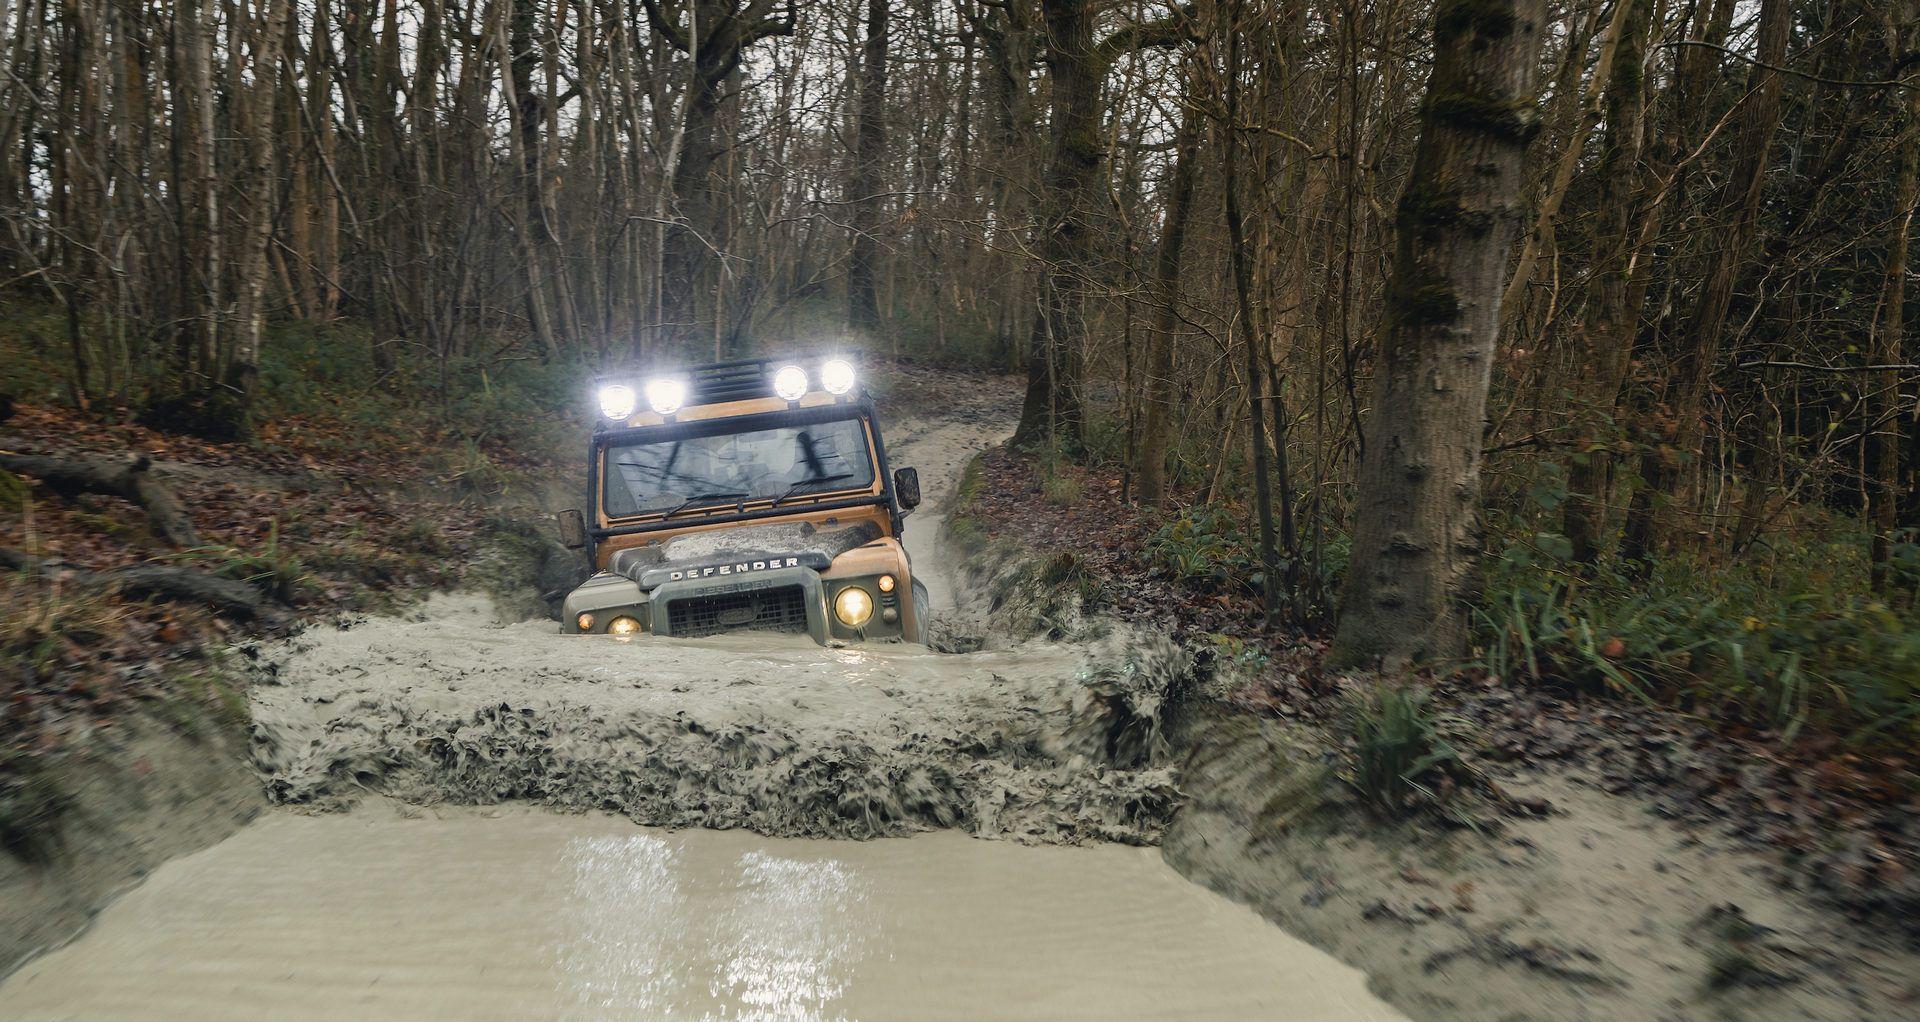 Land-Rover-Defender-Works-V8-Trophy-27